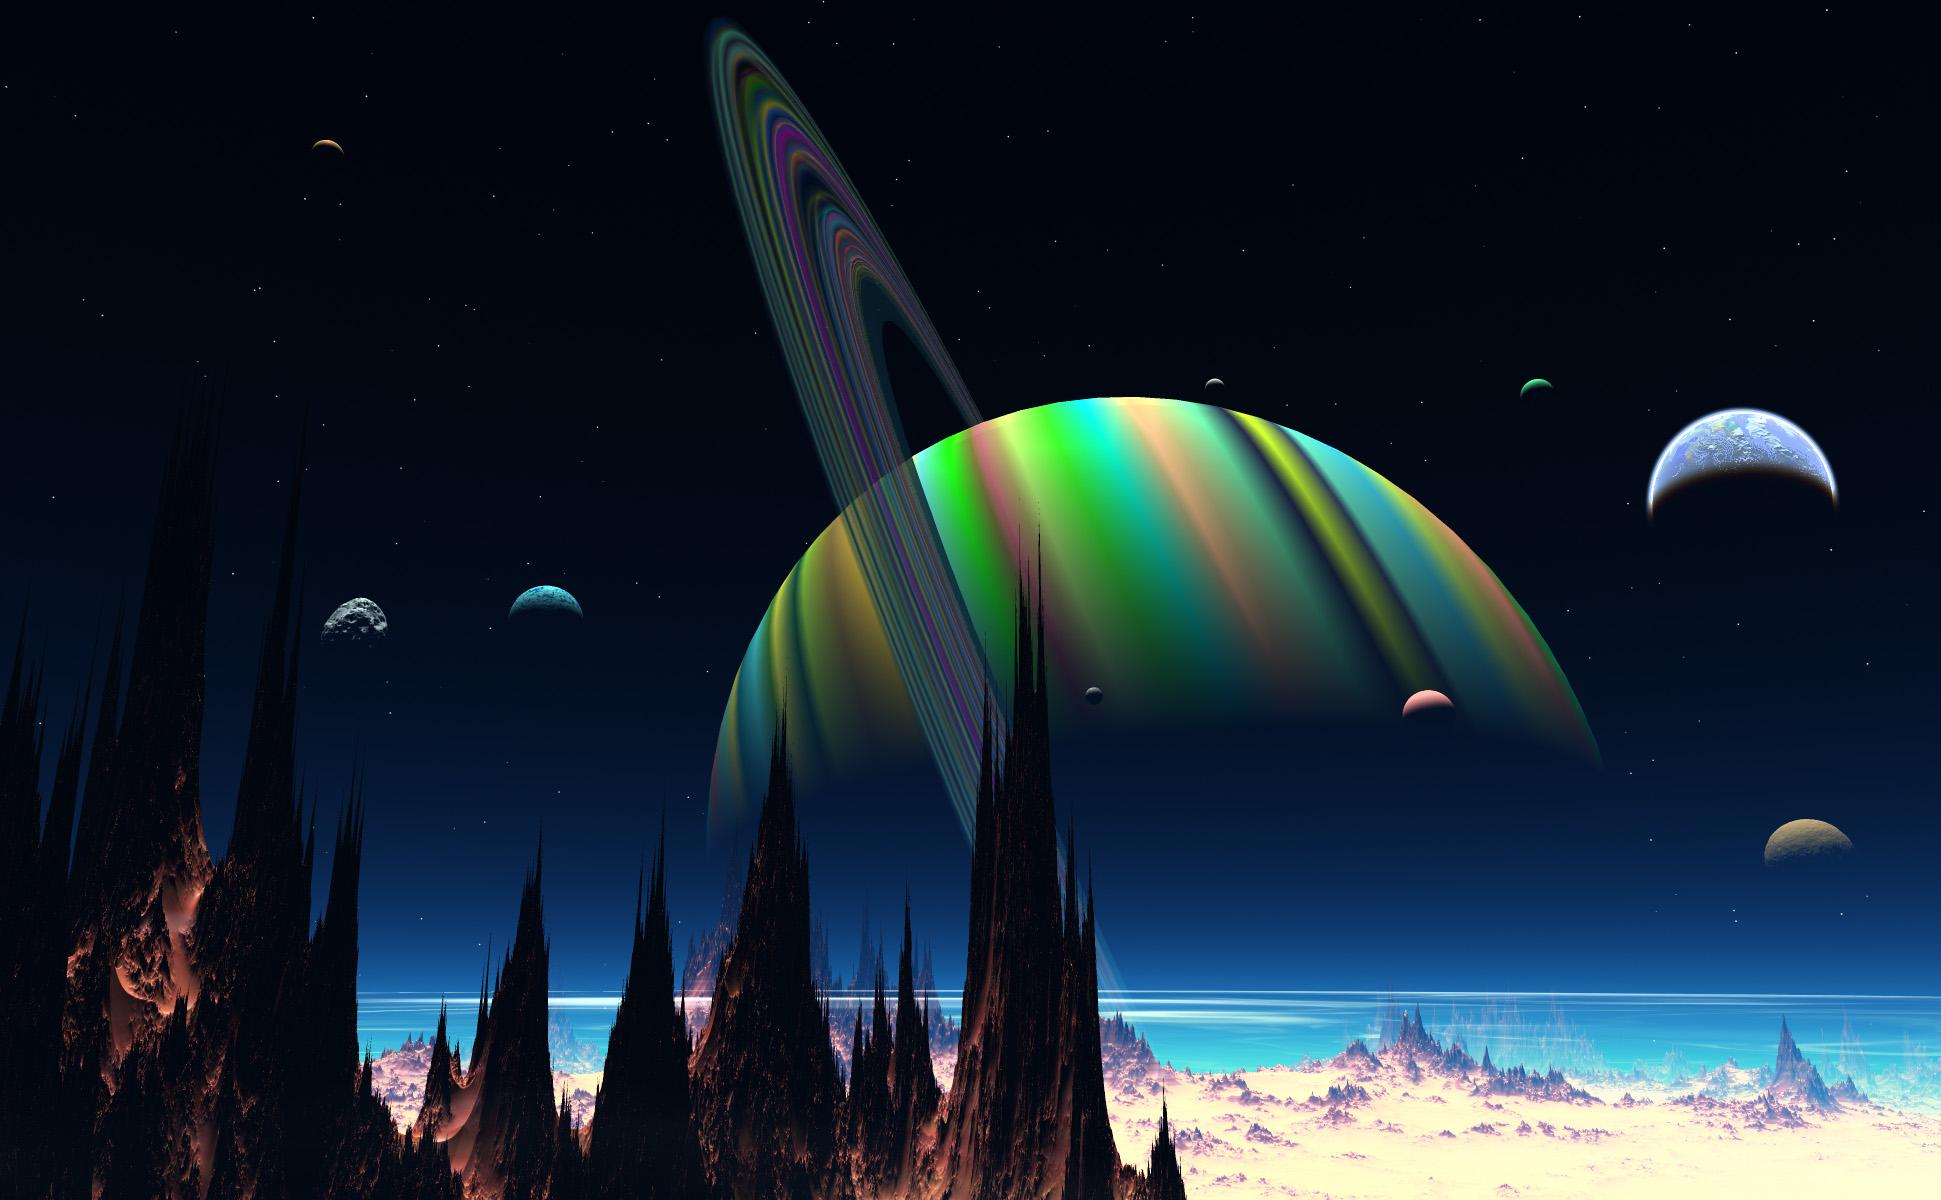 Cg digital-art 3d space universe landscapes planets moon ...